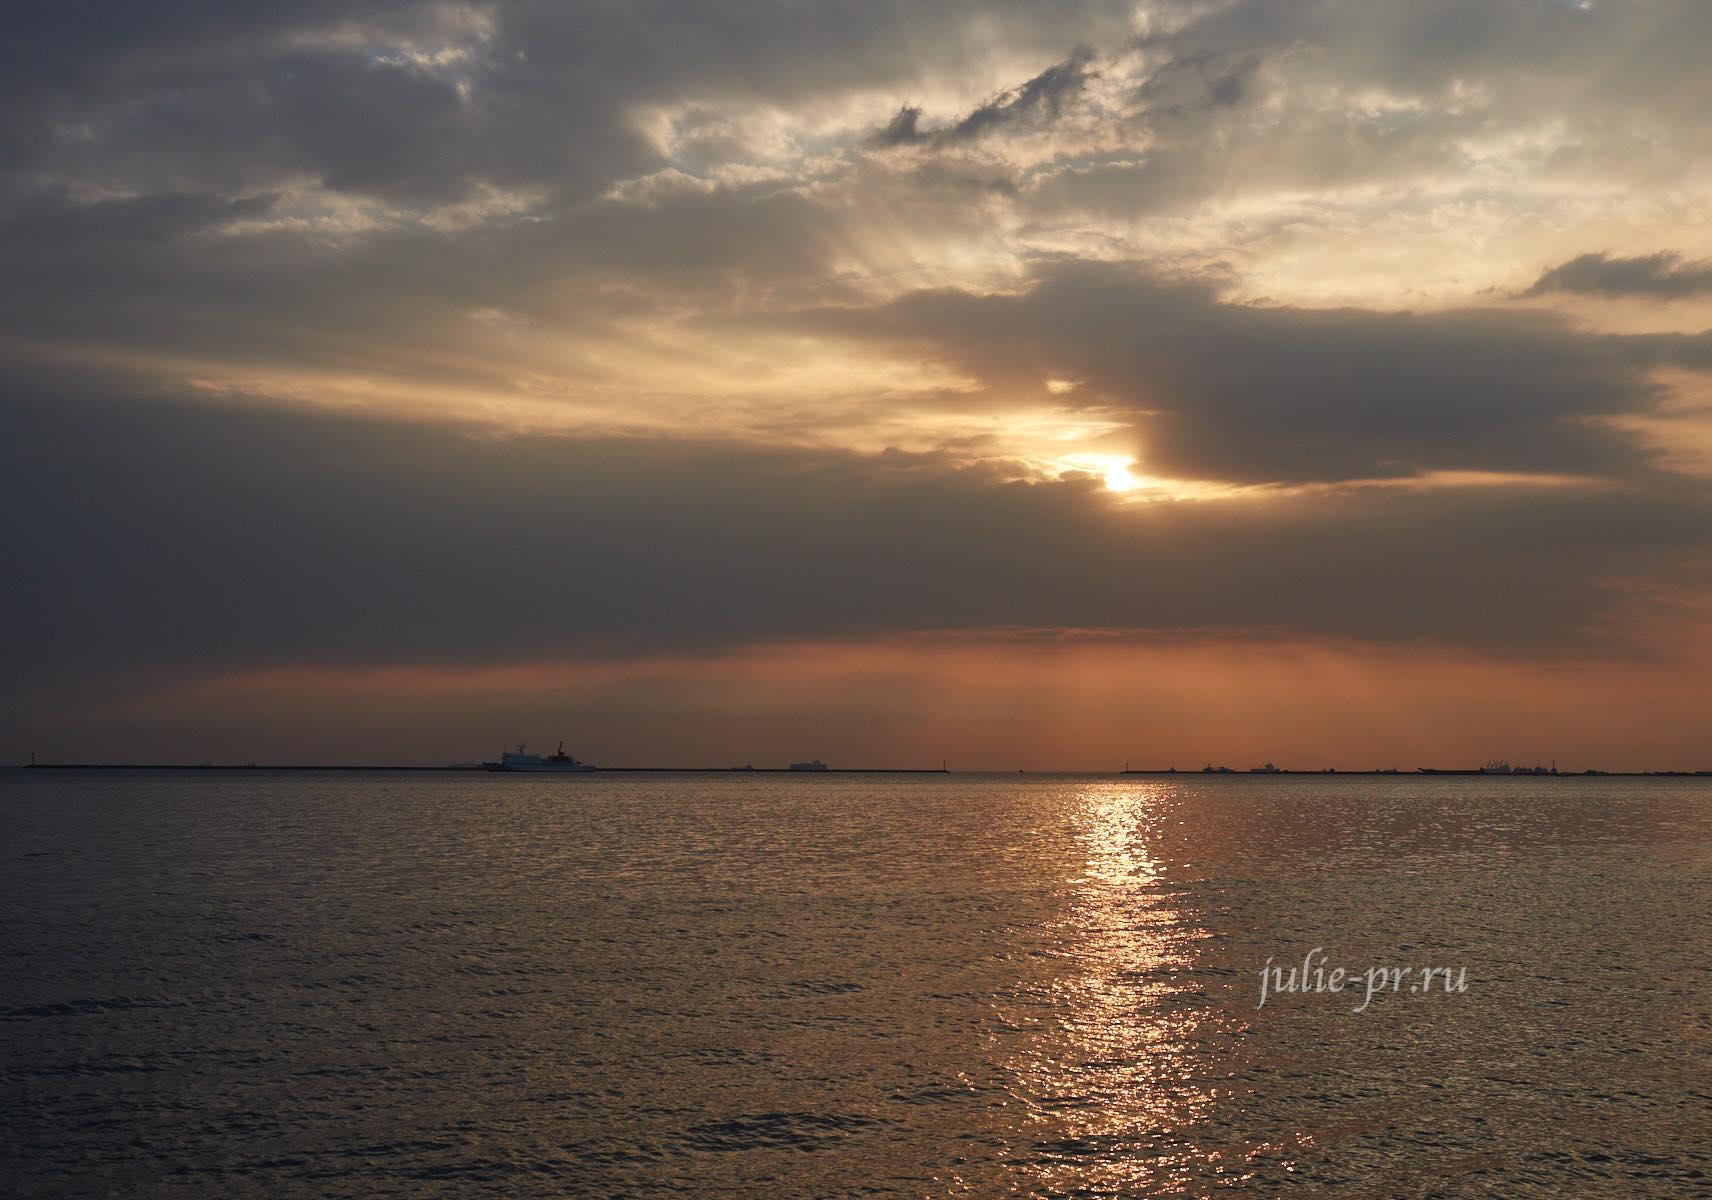 Филиппины, Манила, залив, закат